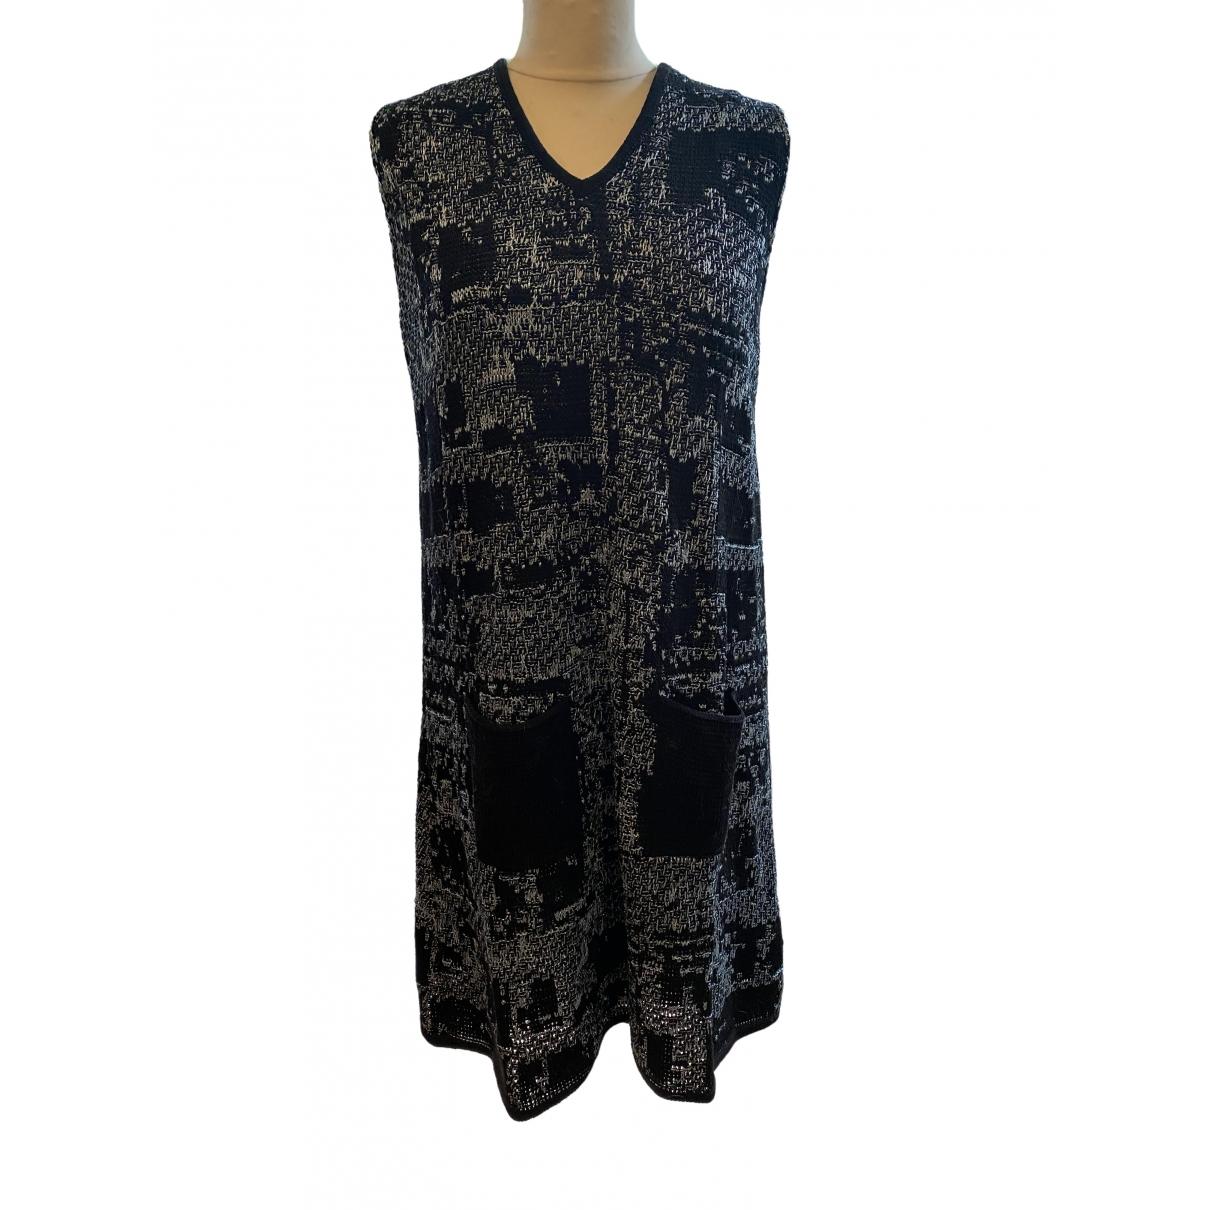 M Missoni \N Kleid in  Schwarz Mit Pailletten